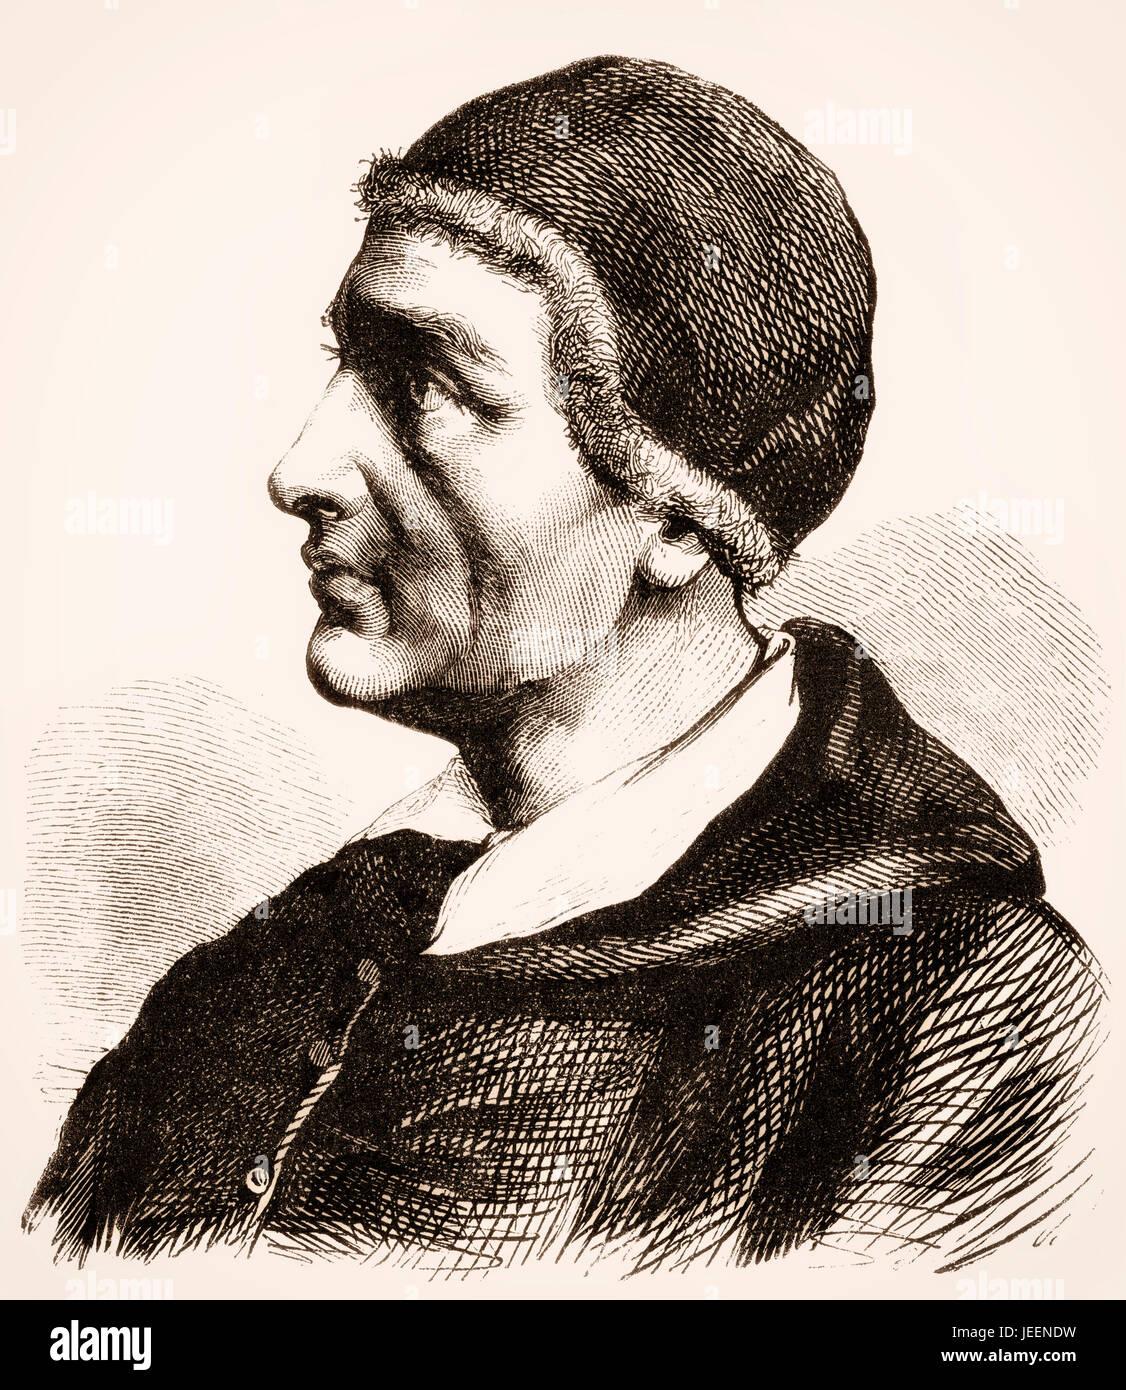 Papst Innozenz i., diente als der katholischen Kirche Papst von 401 bis zu seinem Tod in 417 Stockfoto